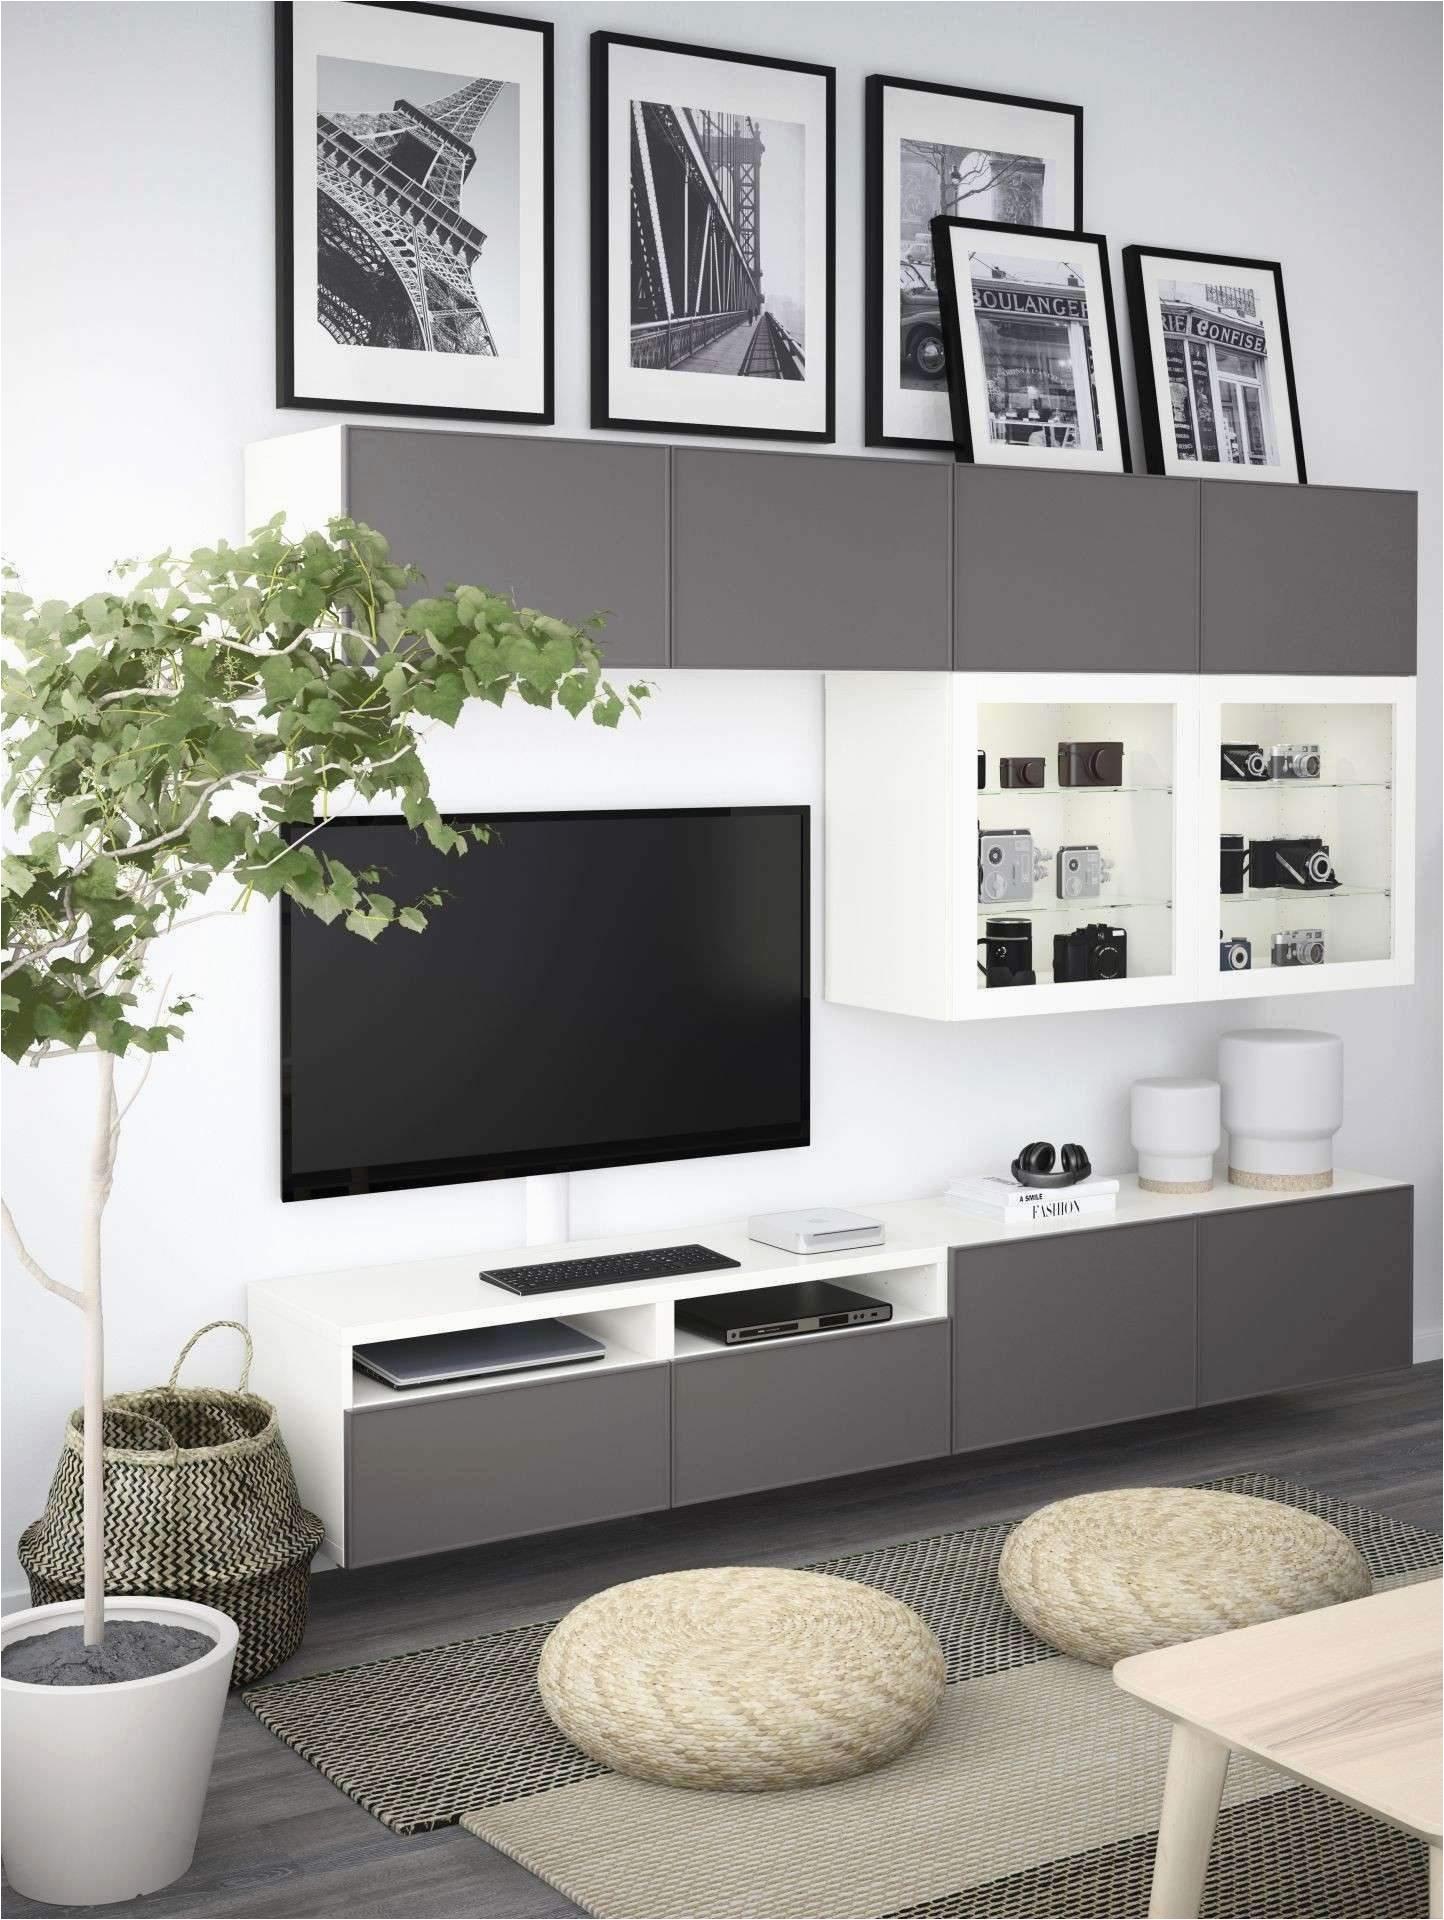 leinwand fur wohnzimmer das beste von luxus wohnzimmer leinwand of leinwand fur wohnzimmer